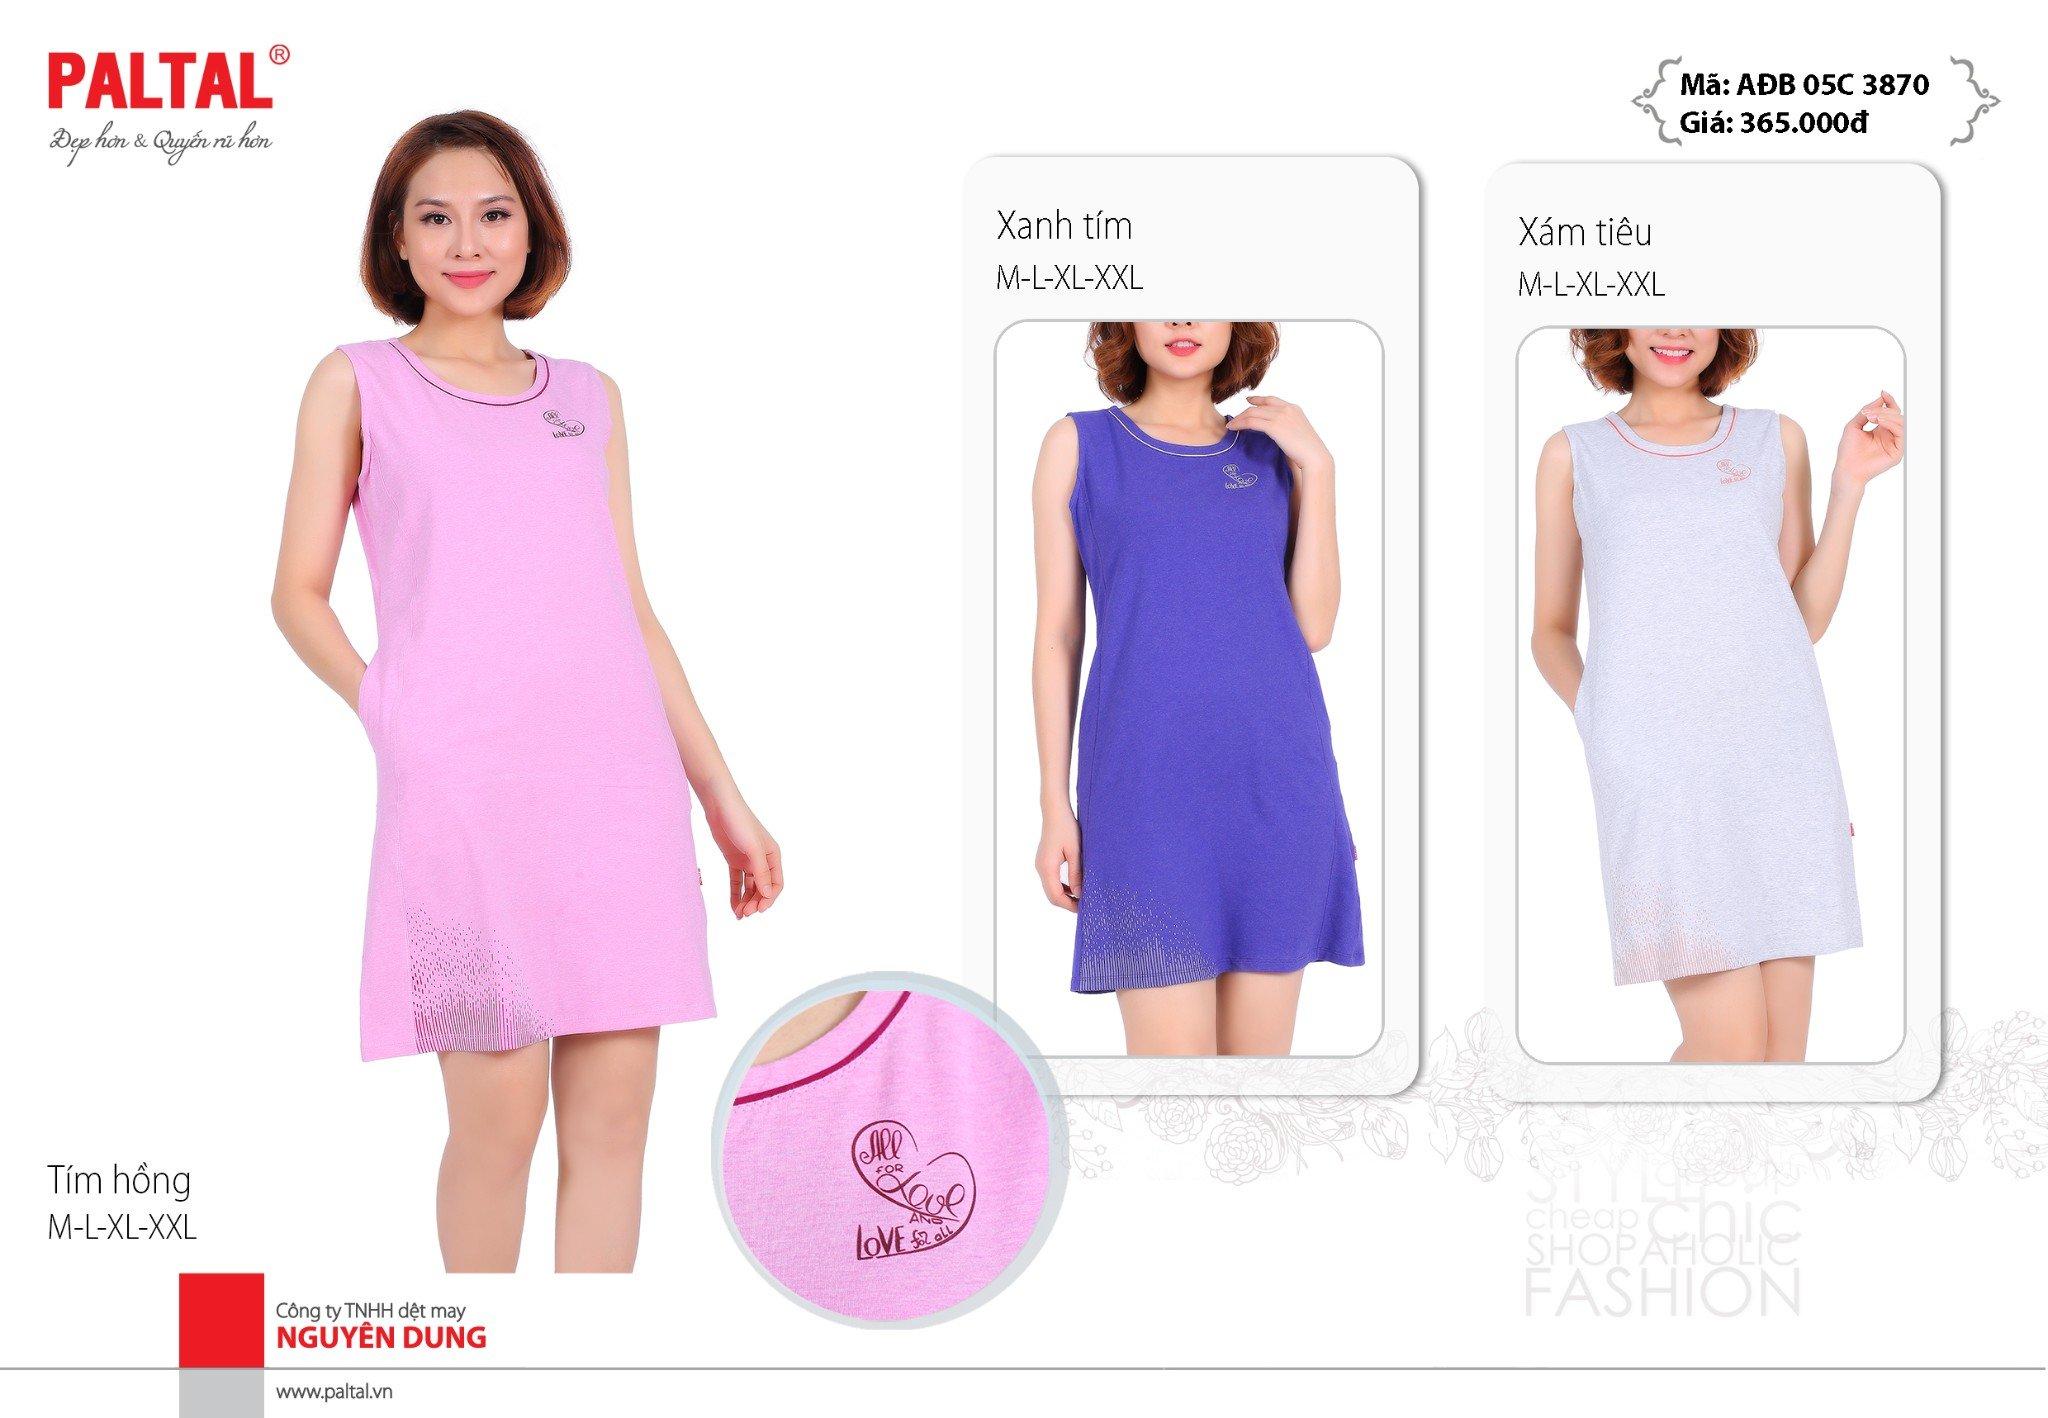 Váy đầm áo đầm không tay cao cấp paltal ađb 05cp 3870